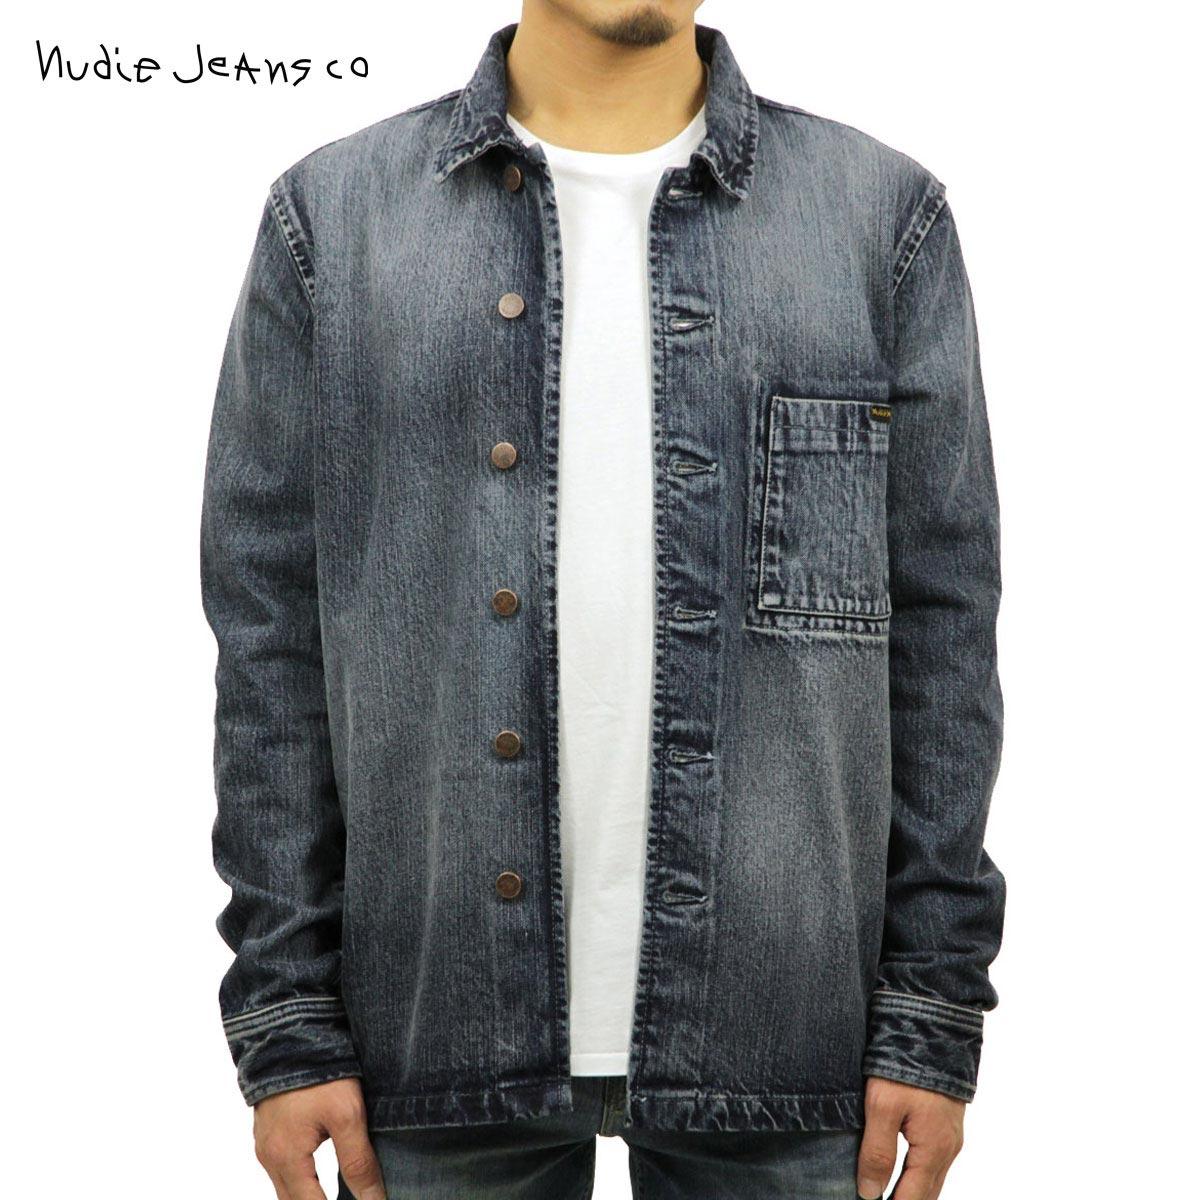 ヌーディージーンズ Nudie Jeans 正規販売店 メンズ 長袖デニムシャツ STEN DENIM SHIRT DENIM B26 140551 3030